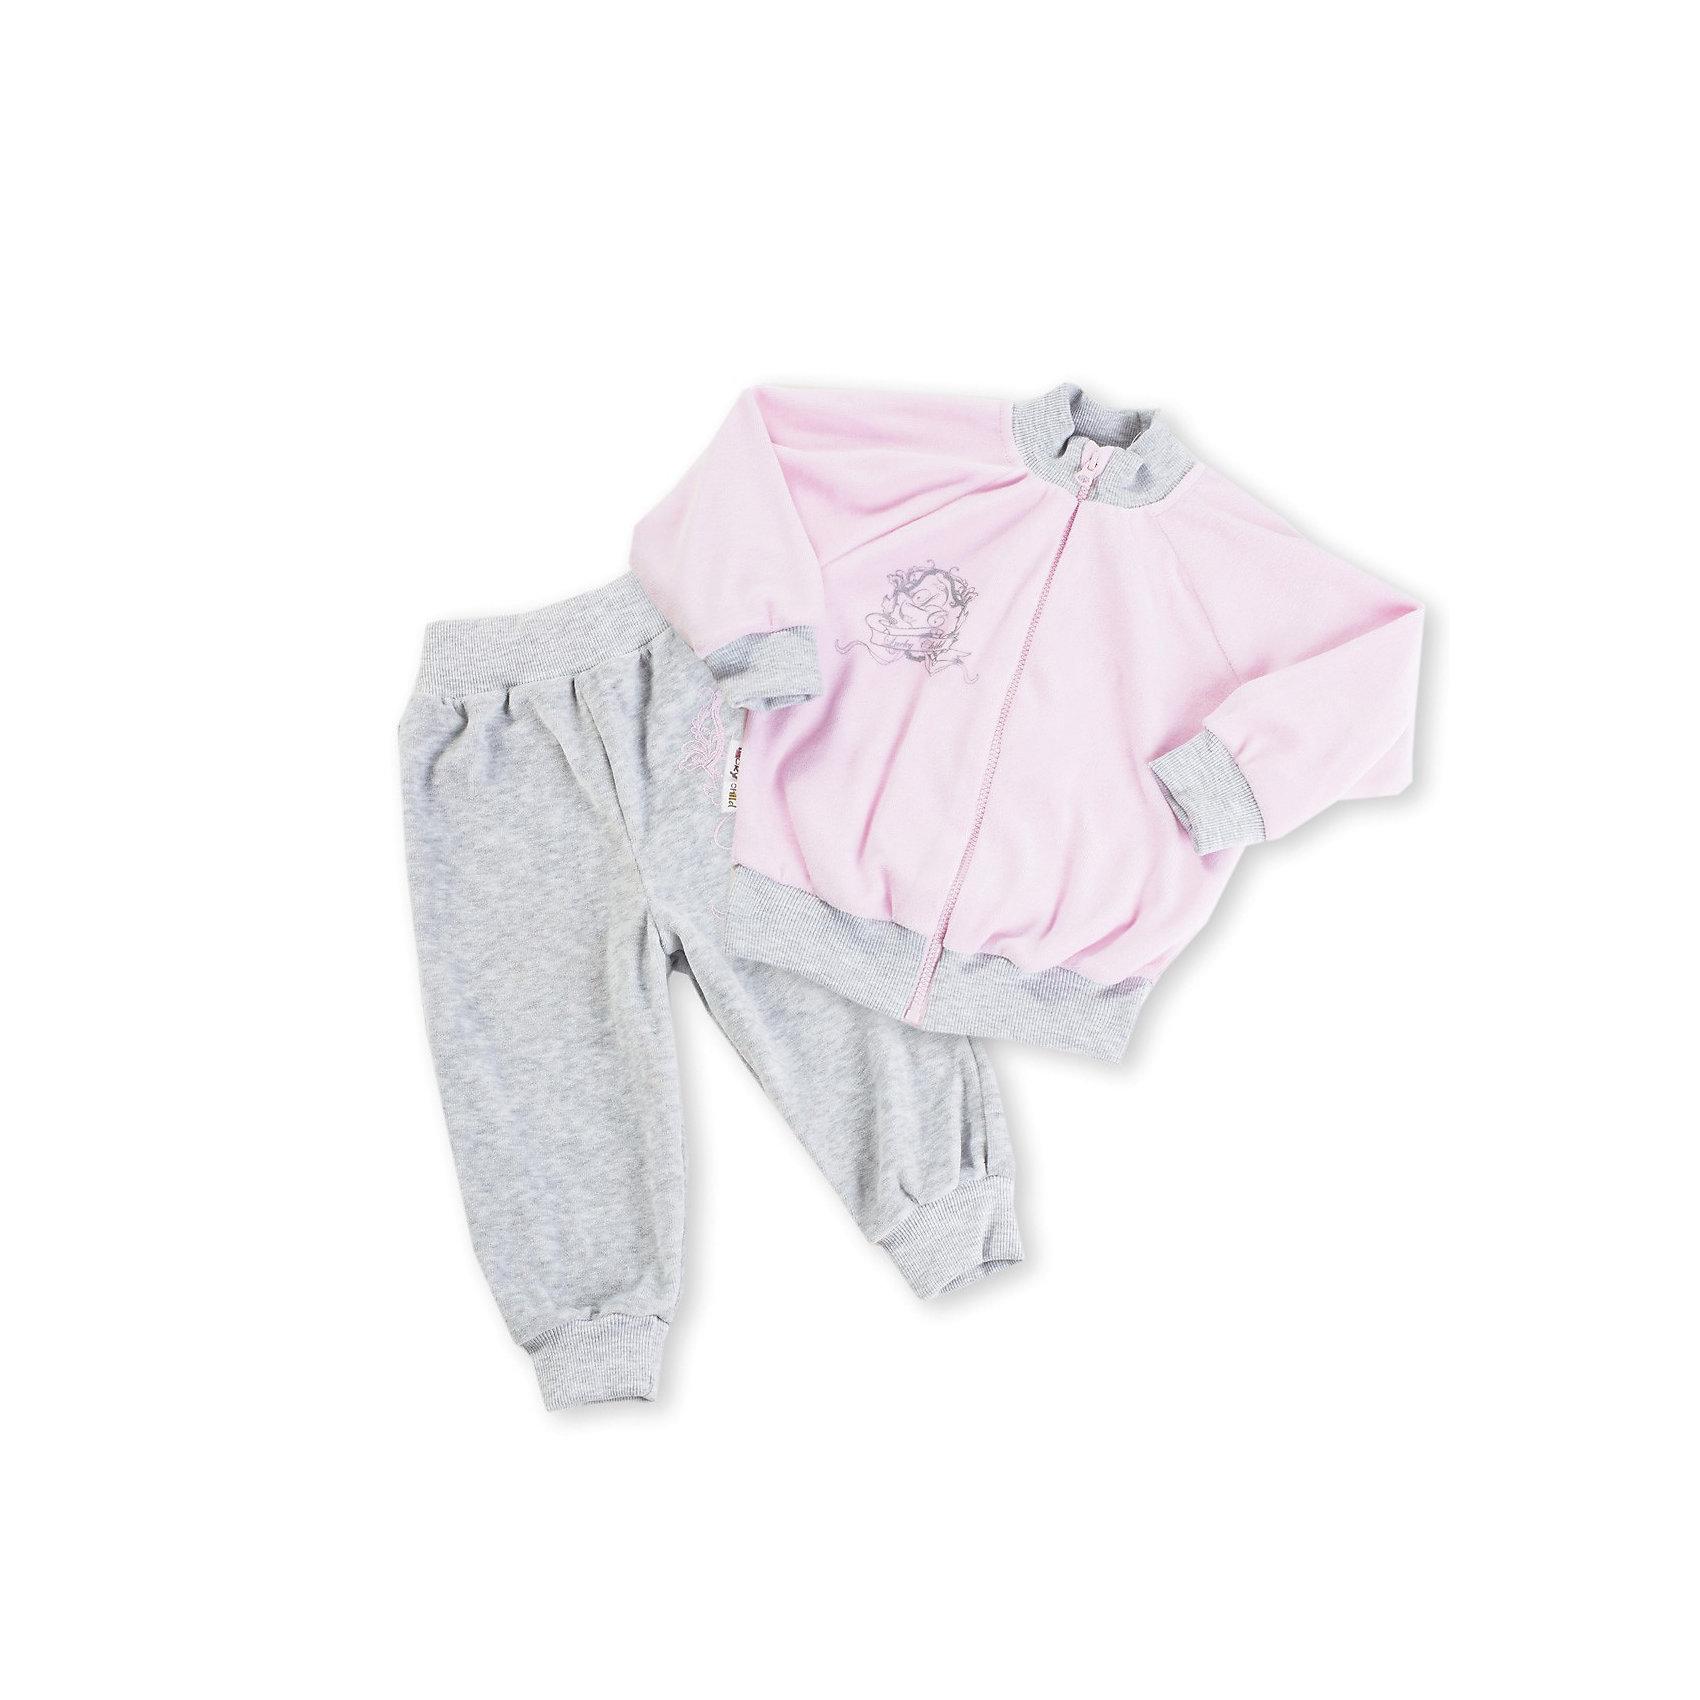 Комплект для девочки: брюки и толстовка Lucky ChildКомплект велюровый для девочки: брюки и толстовка от марки Lucky Child.<br>Состав: <br>80%  хлопок <br>20% вискозы<br><br>Ширина мм: 157<br>Глубина мм: 13<br>Высота мм: 119<br>Вес г: 200<br>Цвет: розовый<br>Возраст от месяцев: 6<br>Возраст до месяцев: 9<br>Пол: Женский<br>Возраст: Детский<br>Размер: 68/74,98/104,74/80,80/86,92/98,62/68,86/92<br>SKU: 2634985